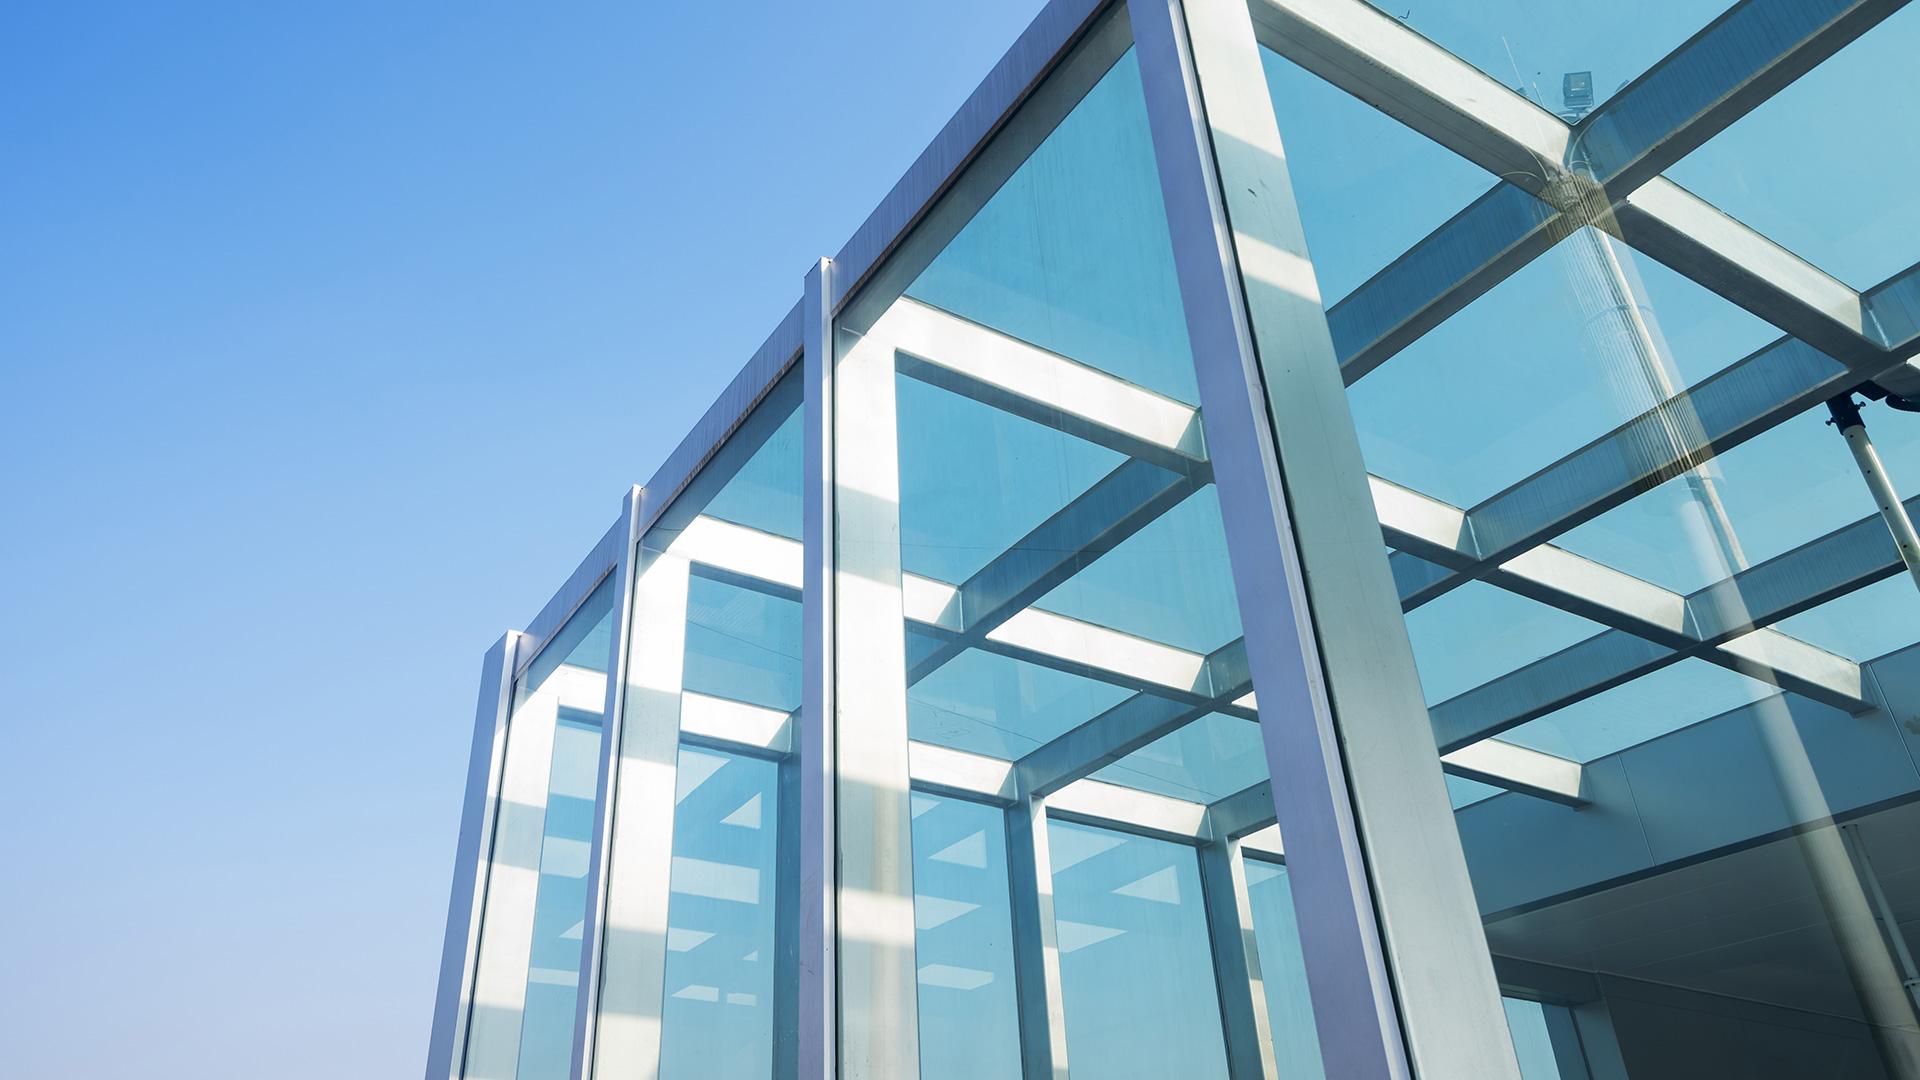 Kies jij voor een glazen dak?